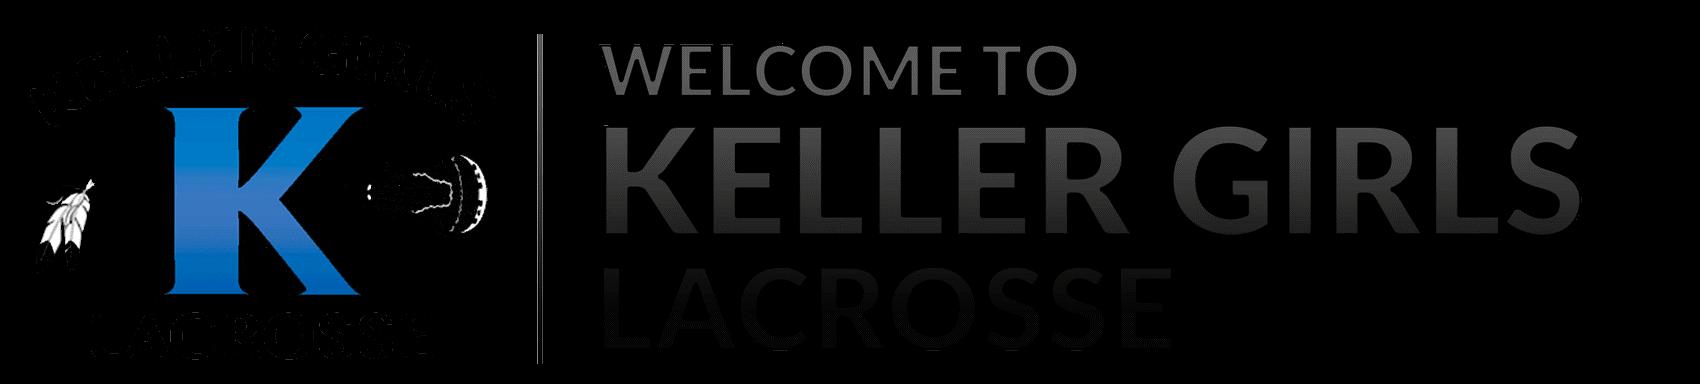 Keller Girls Lacrosse, Lacrosse, Goal, Field